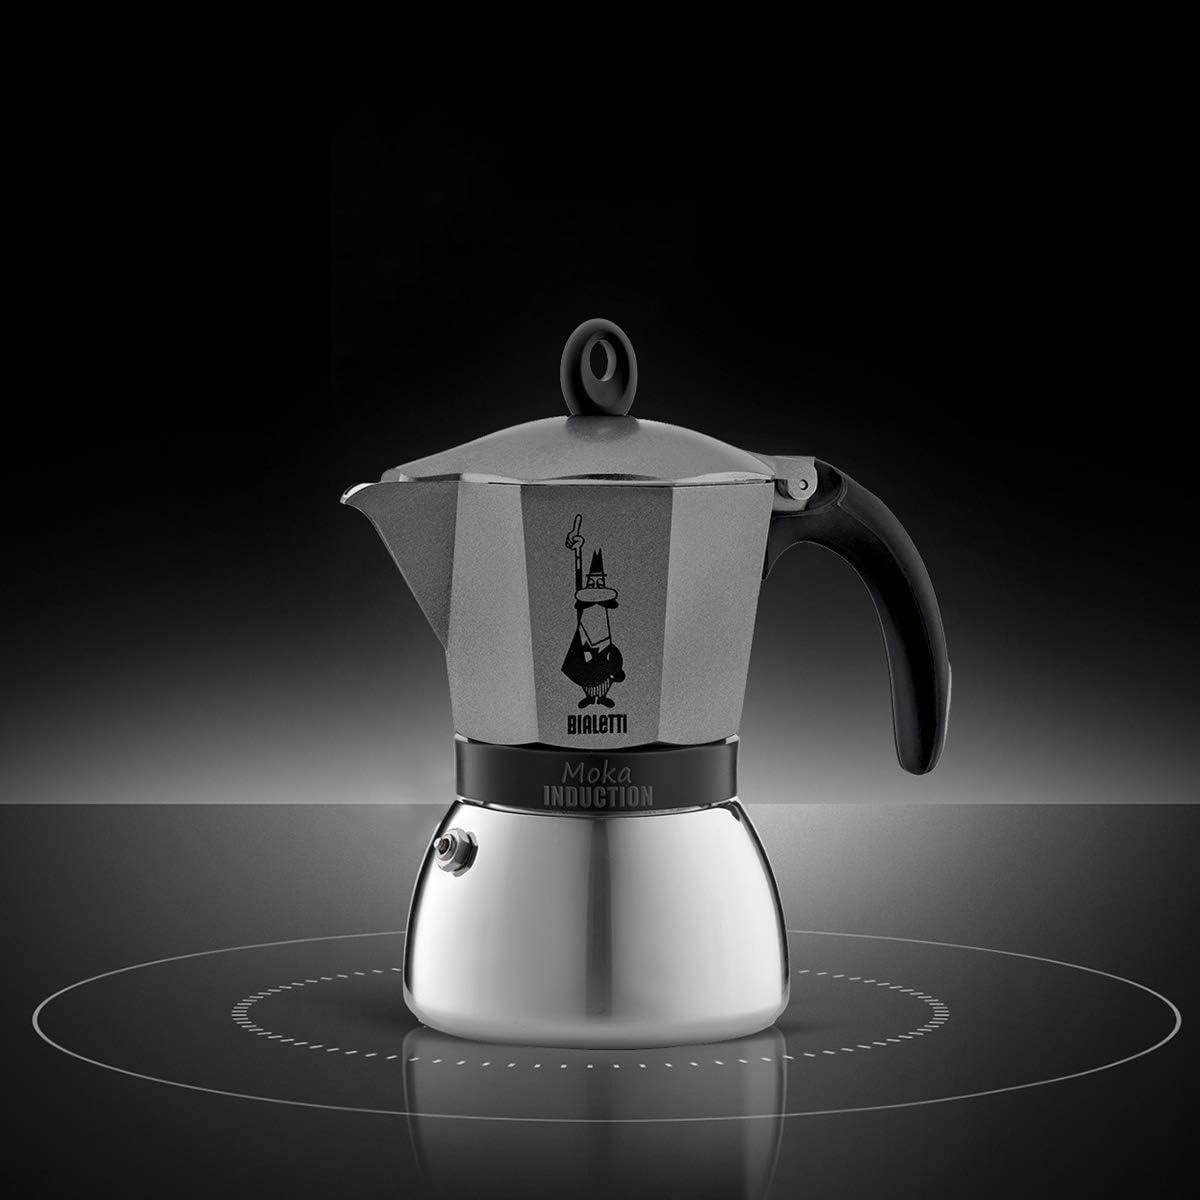 Bialetti Moka Induction Cafeter Italiana Espresso por Inducción, Aluminio, Gris Antracita, 6 Tazas: Amazon.es: Hogar